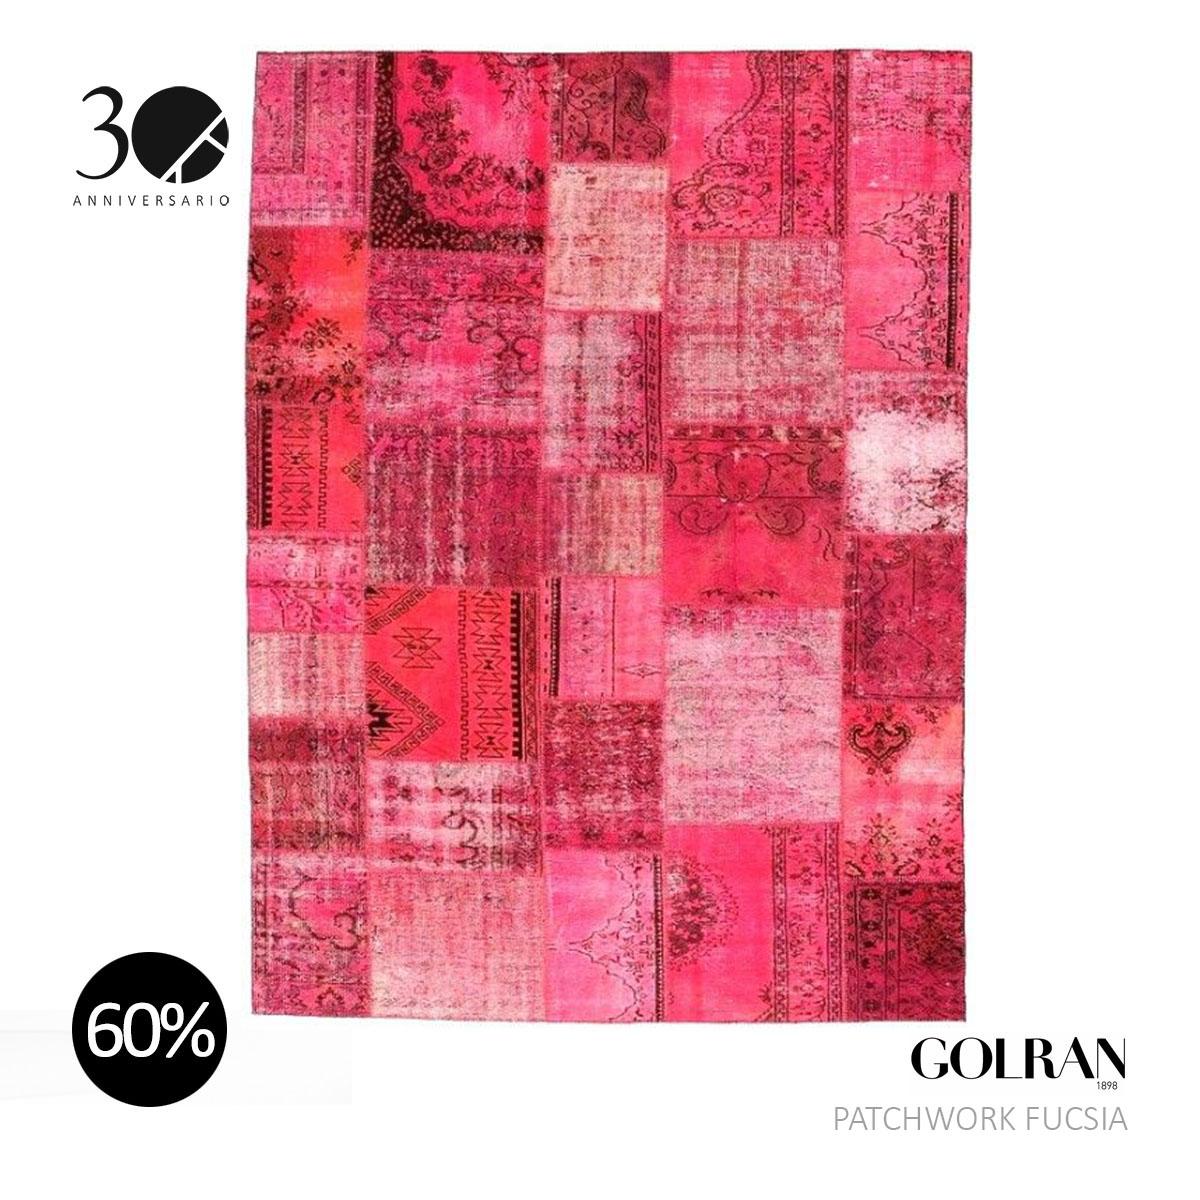 GOLRAN - PATCHWORK FUCSIA